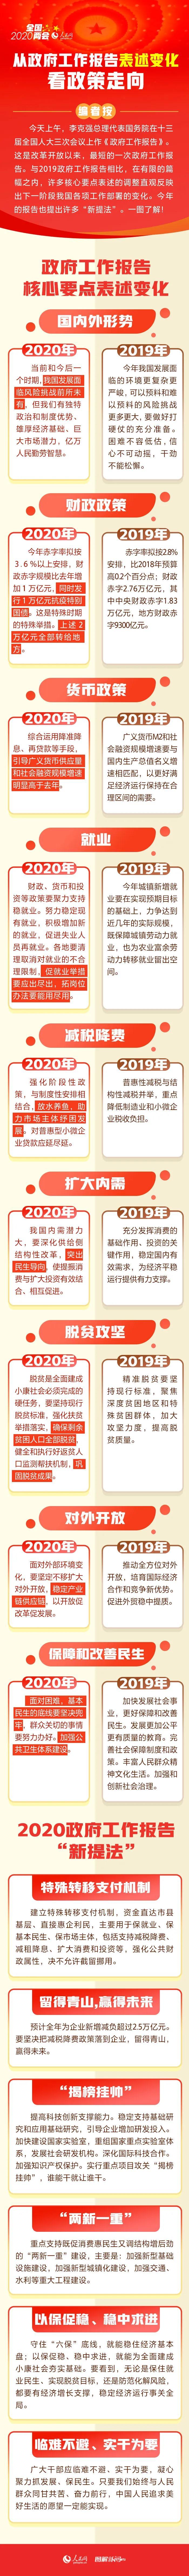 2020年公务员考试时政